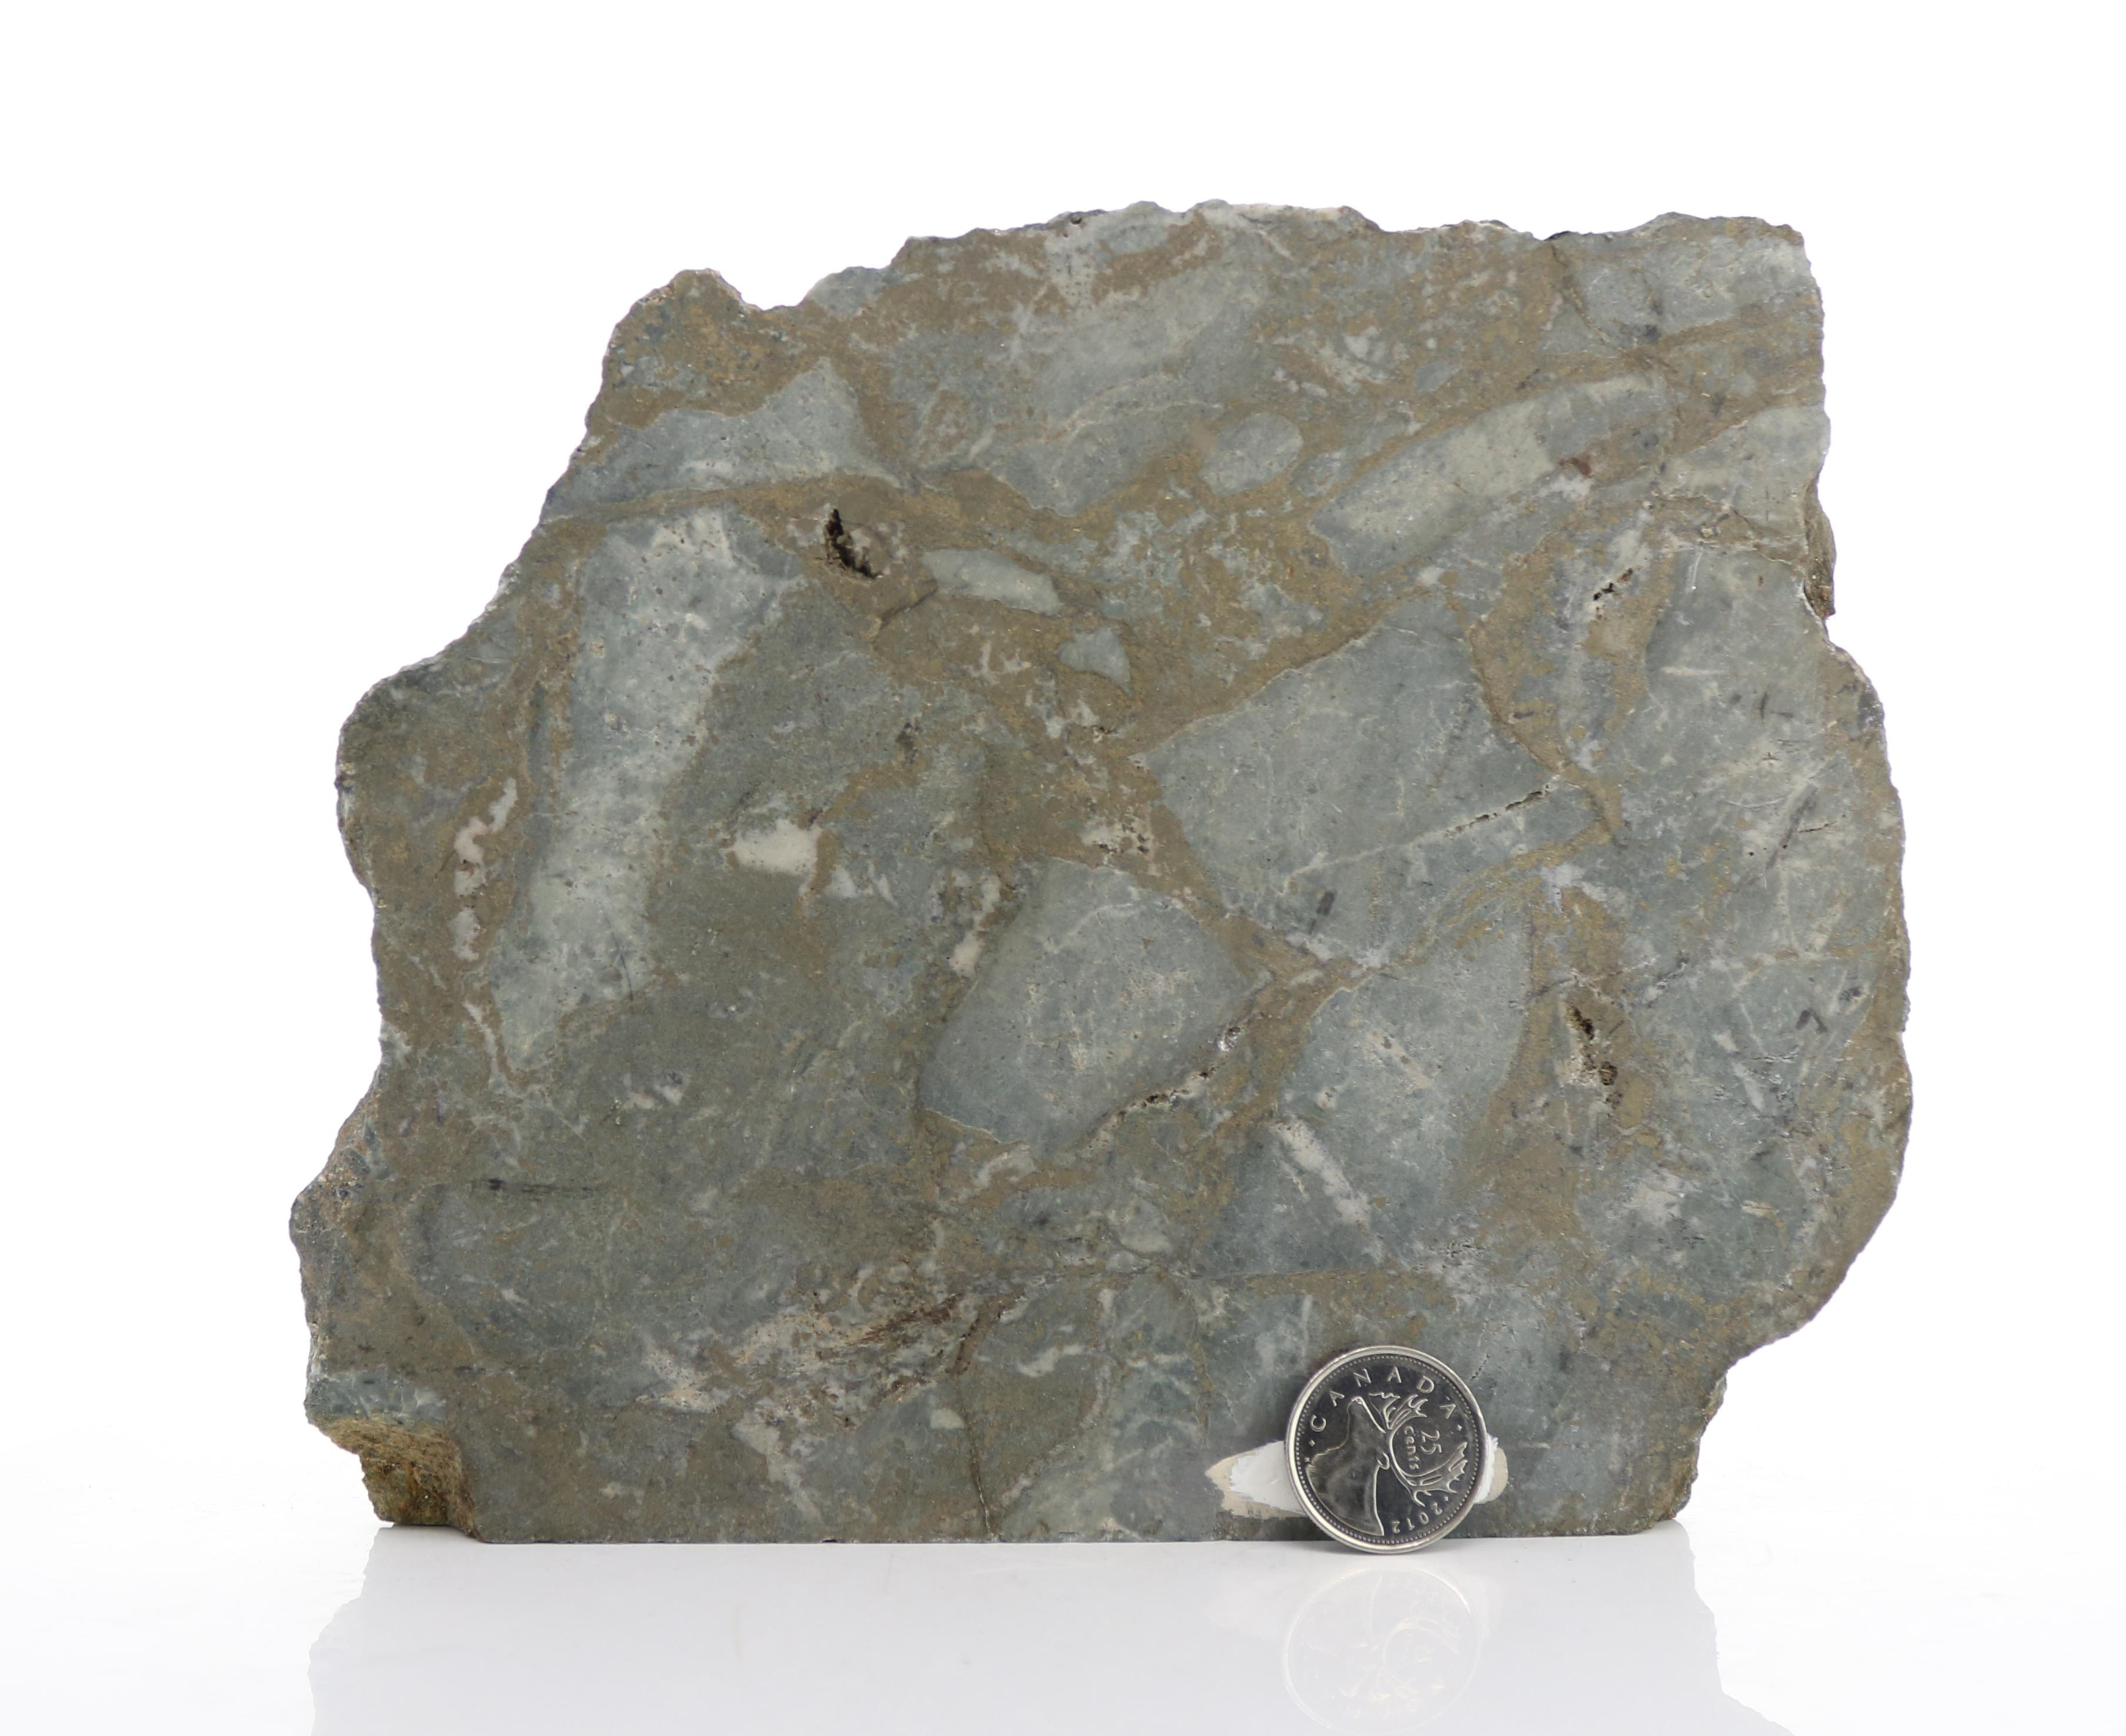 Dacite Breccia, Sulphide Cemented (D2-06) Image